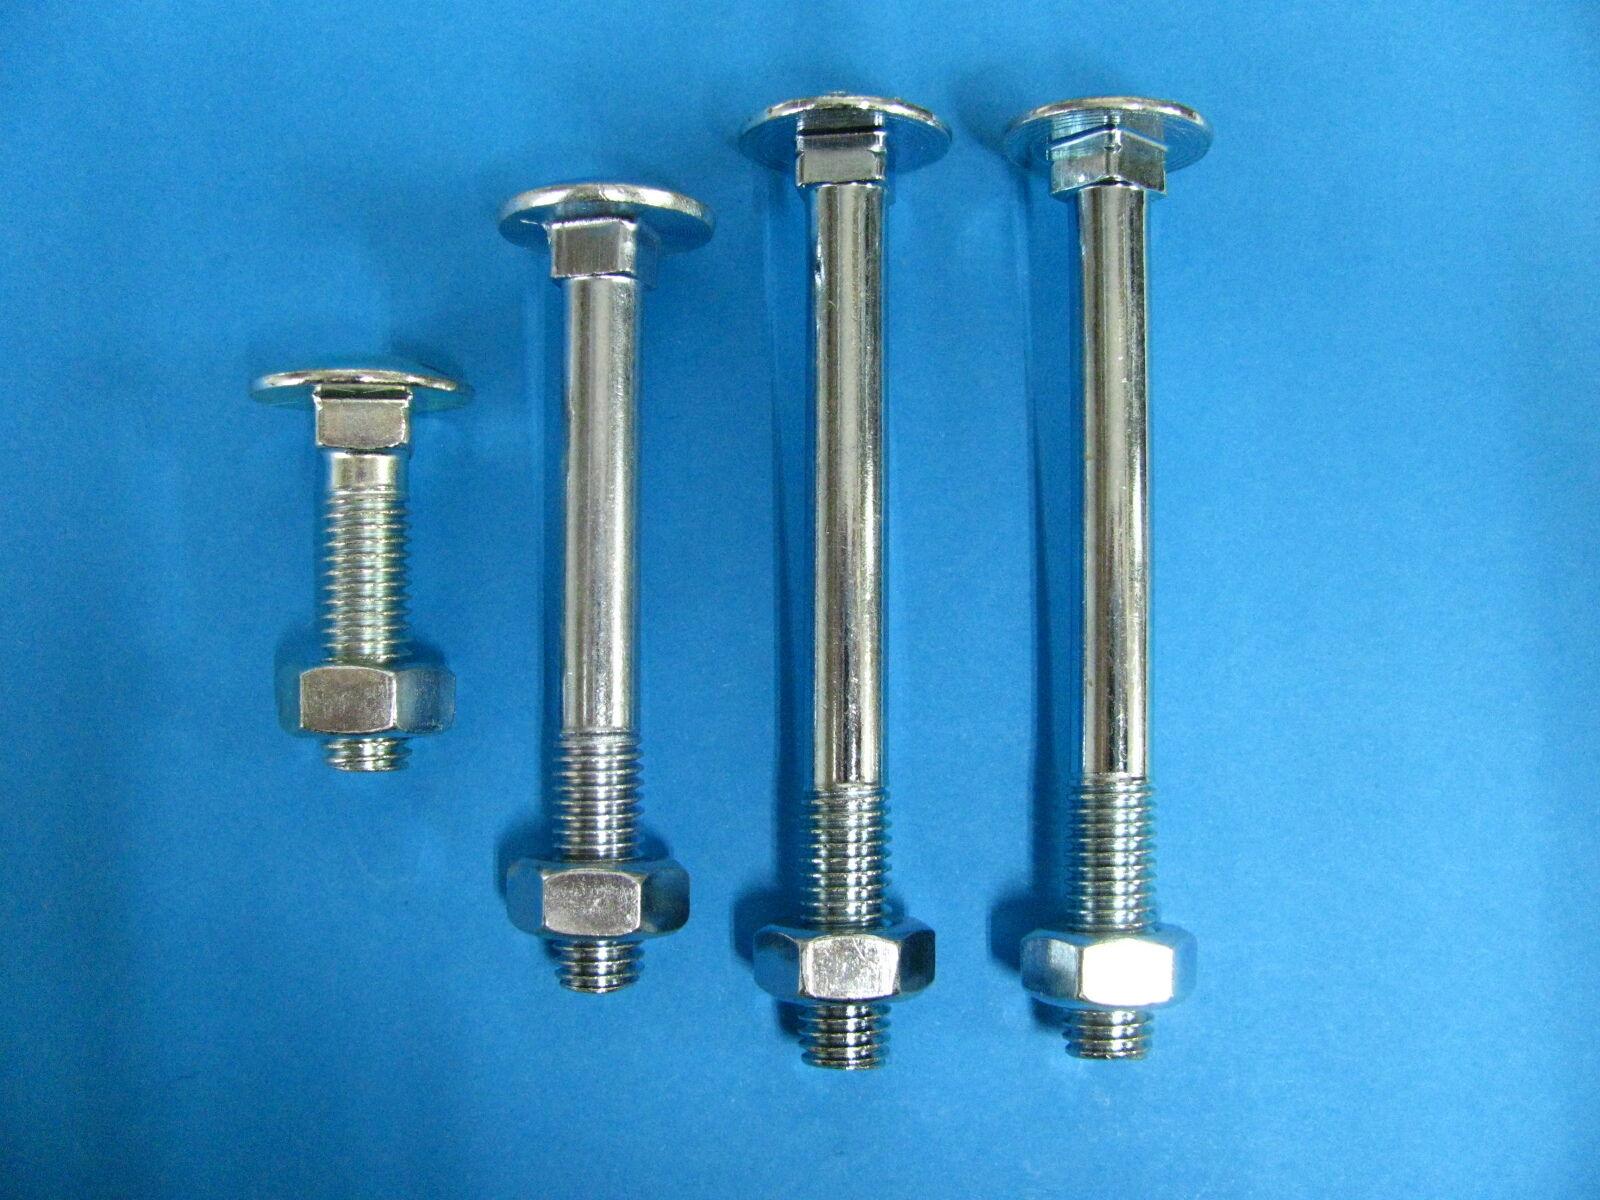 Schloßschrauben mit Muttern verzinkt Din603 Flachrundschrauben M5,M6,M8,M10,M12